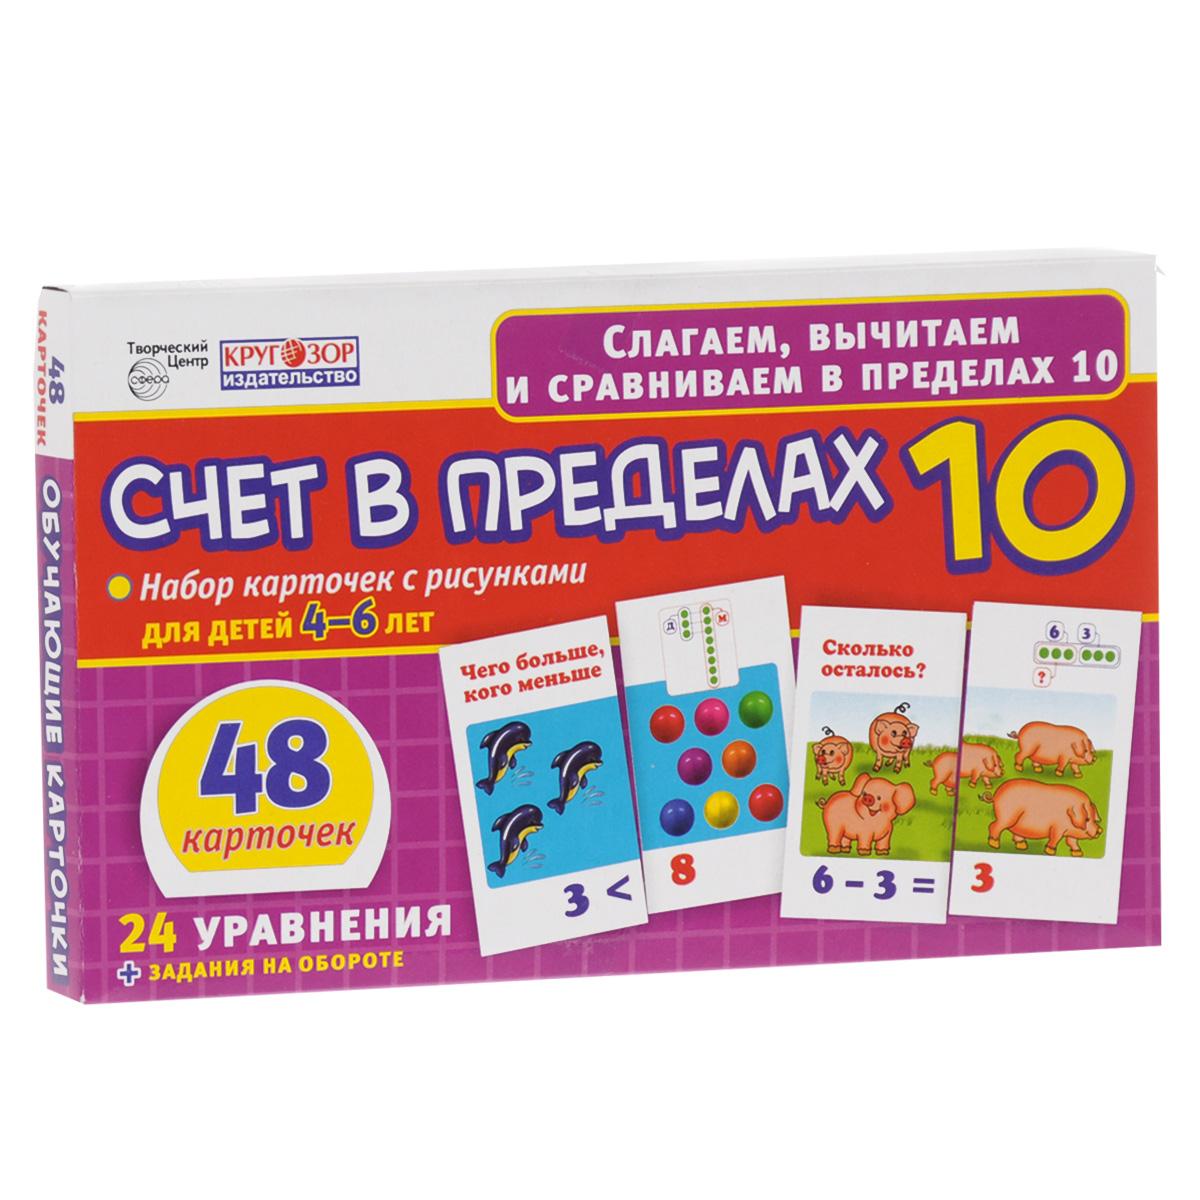 Счет в пределах 10 (набор из 48 карточек)12296407Набор состоит из 48 обучающих карточек, из которых ребенок может составить 24 ярких рисунка. Использование карточек поможет ребенку научиться быстро и правильно считать в пределах 10, выучить состав чисел от 2 до 10, а также усвоить основные арифметические действия. Обороты карточек познакомят с теорией, а также помогут закрепить учебный материал.